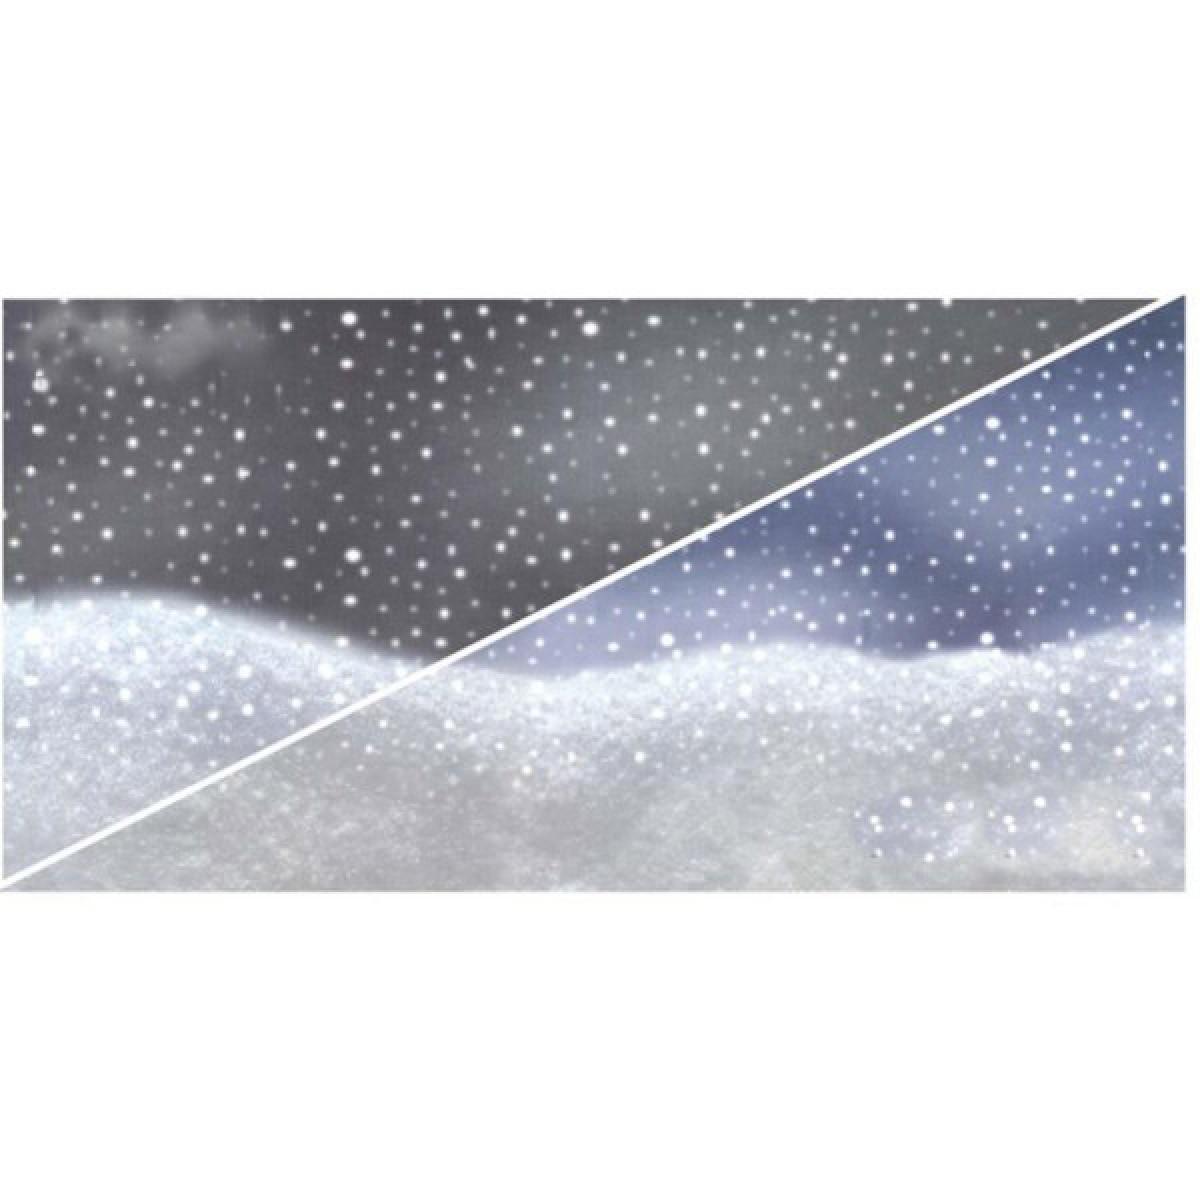 Χιόνι Νύχτα - Μέρα Χαρτόνια